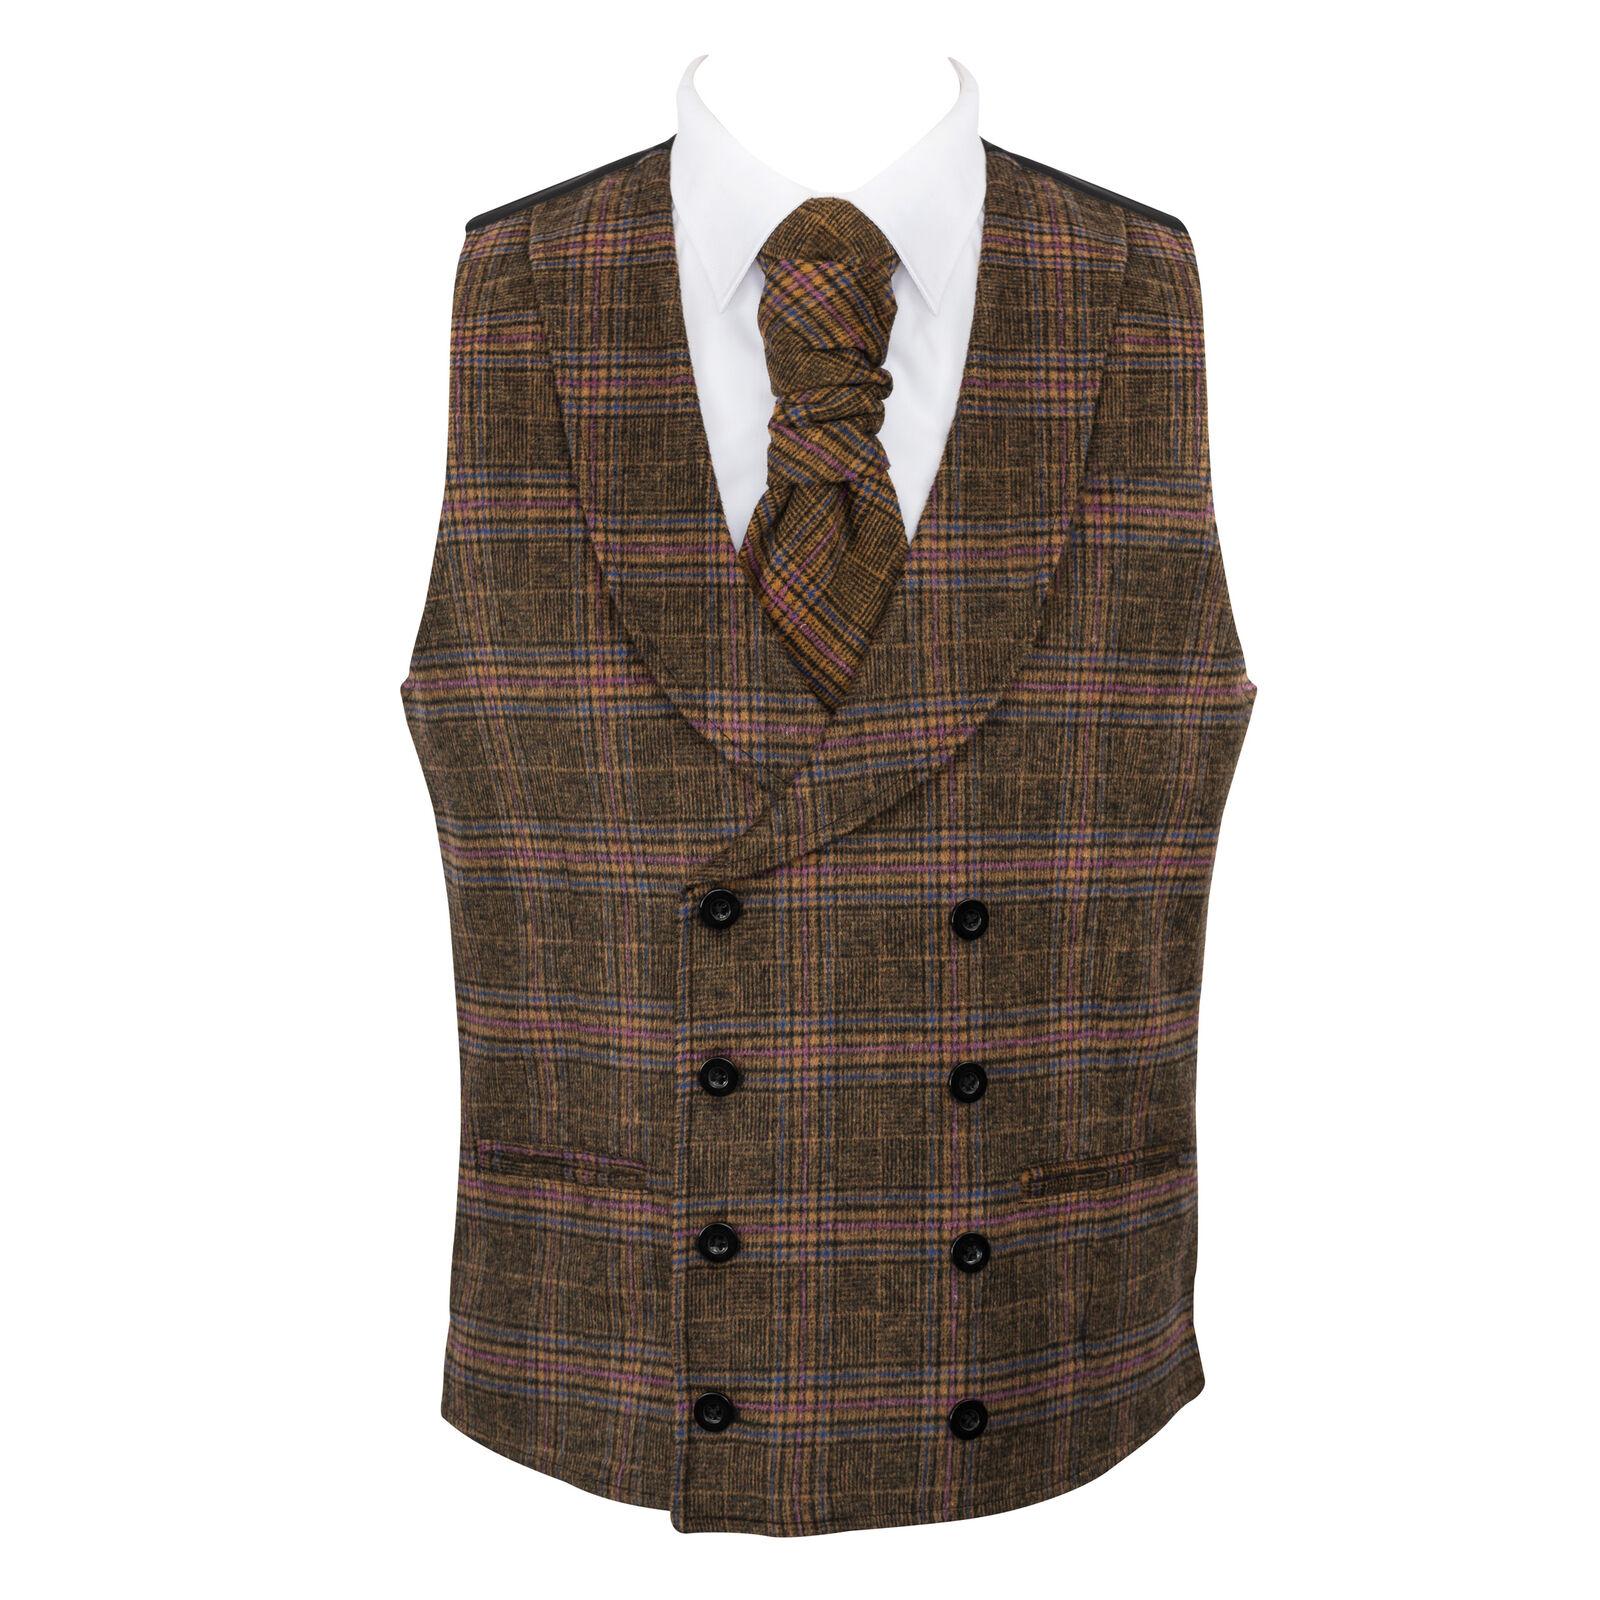 UK Men's Wedding Waistcoat Overcheck 6 Button Jacquard Suit Vest Tailored Fit V